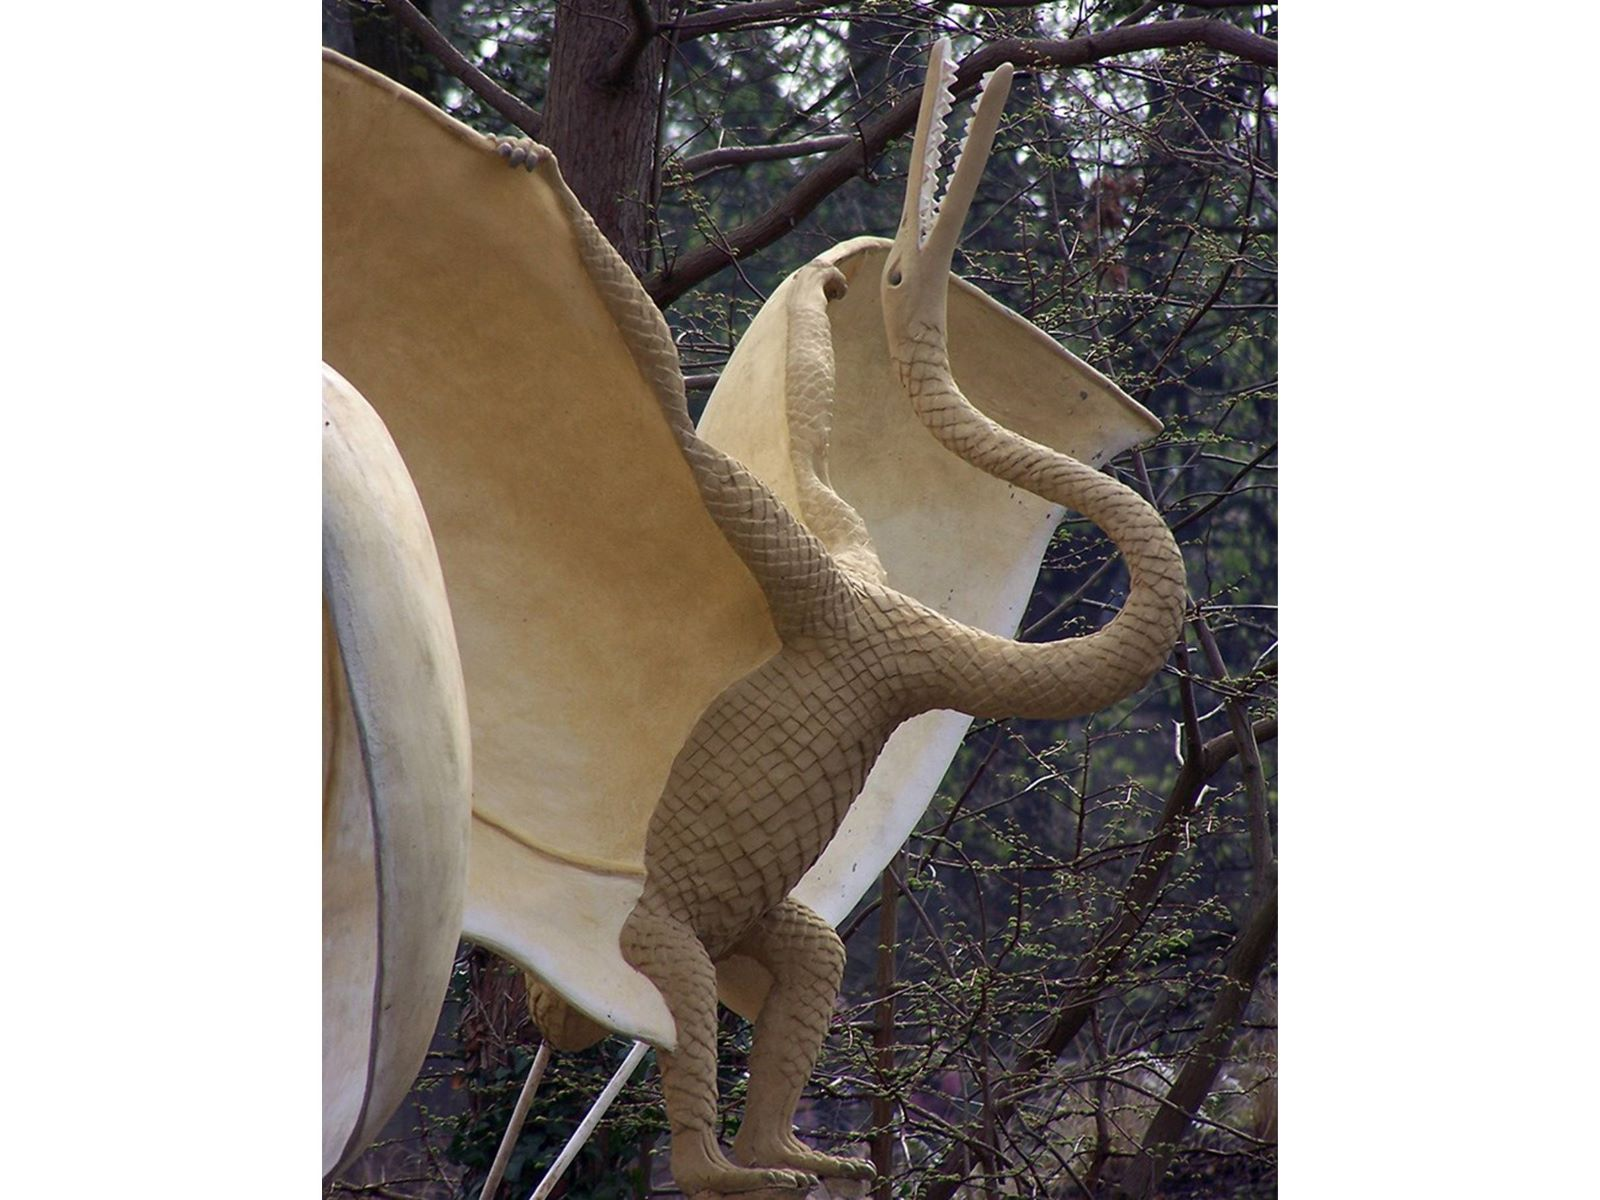 Pterosaur_Oolite_2